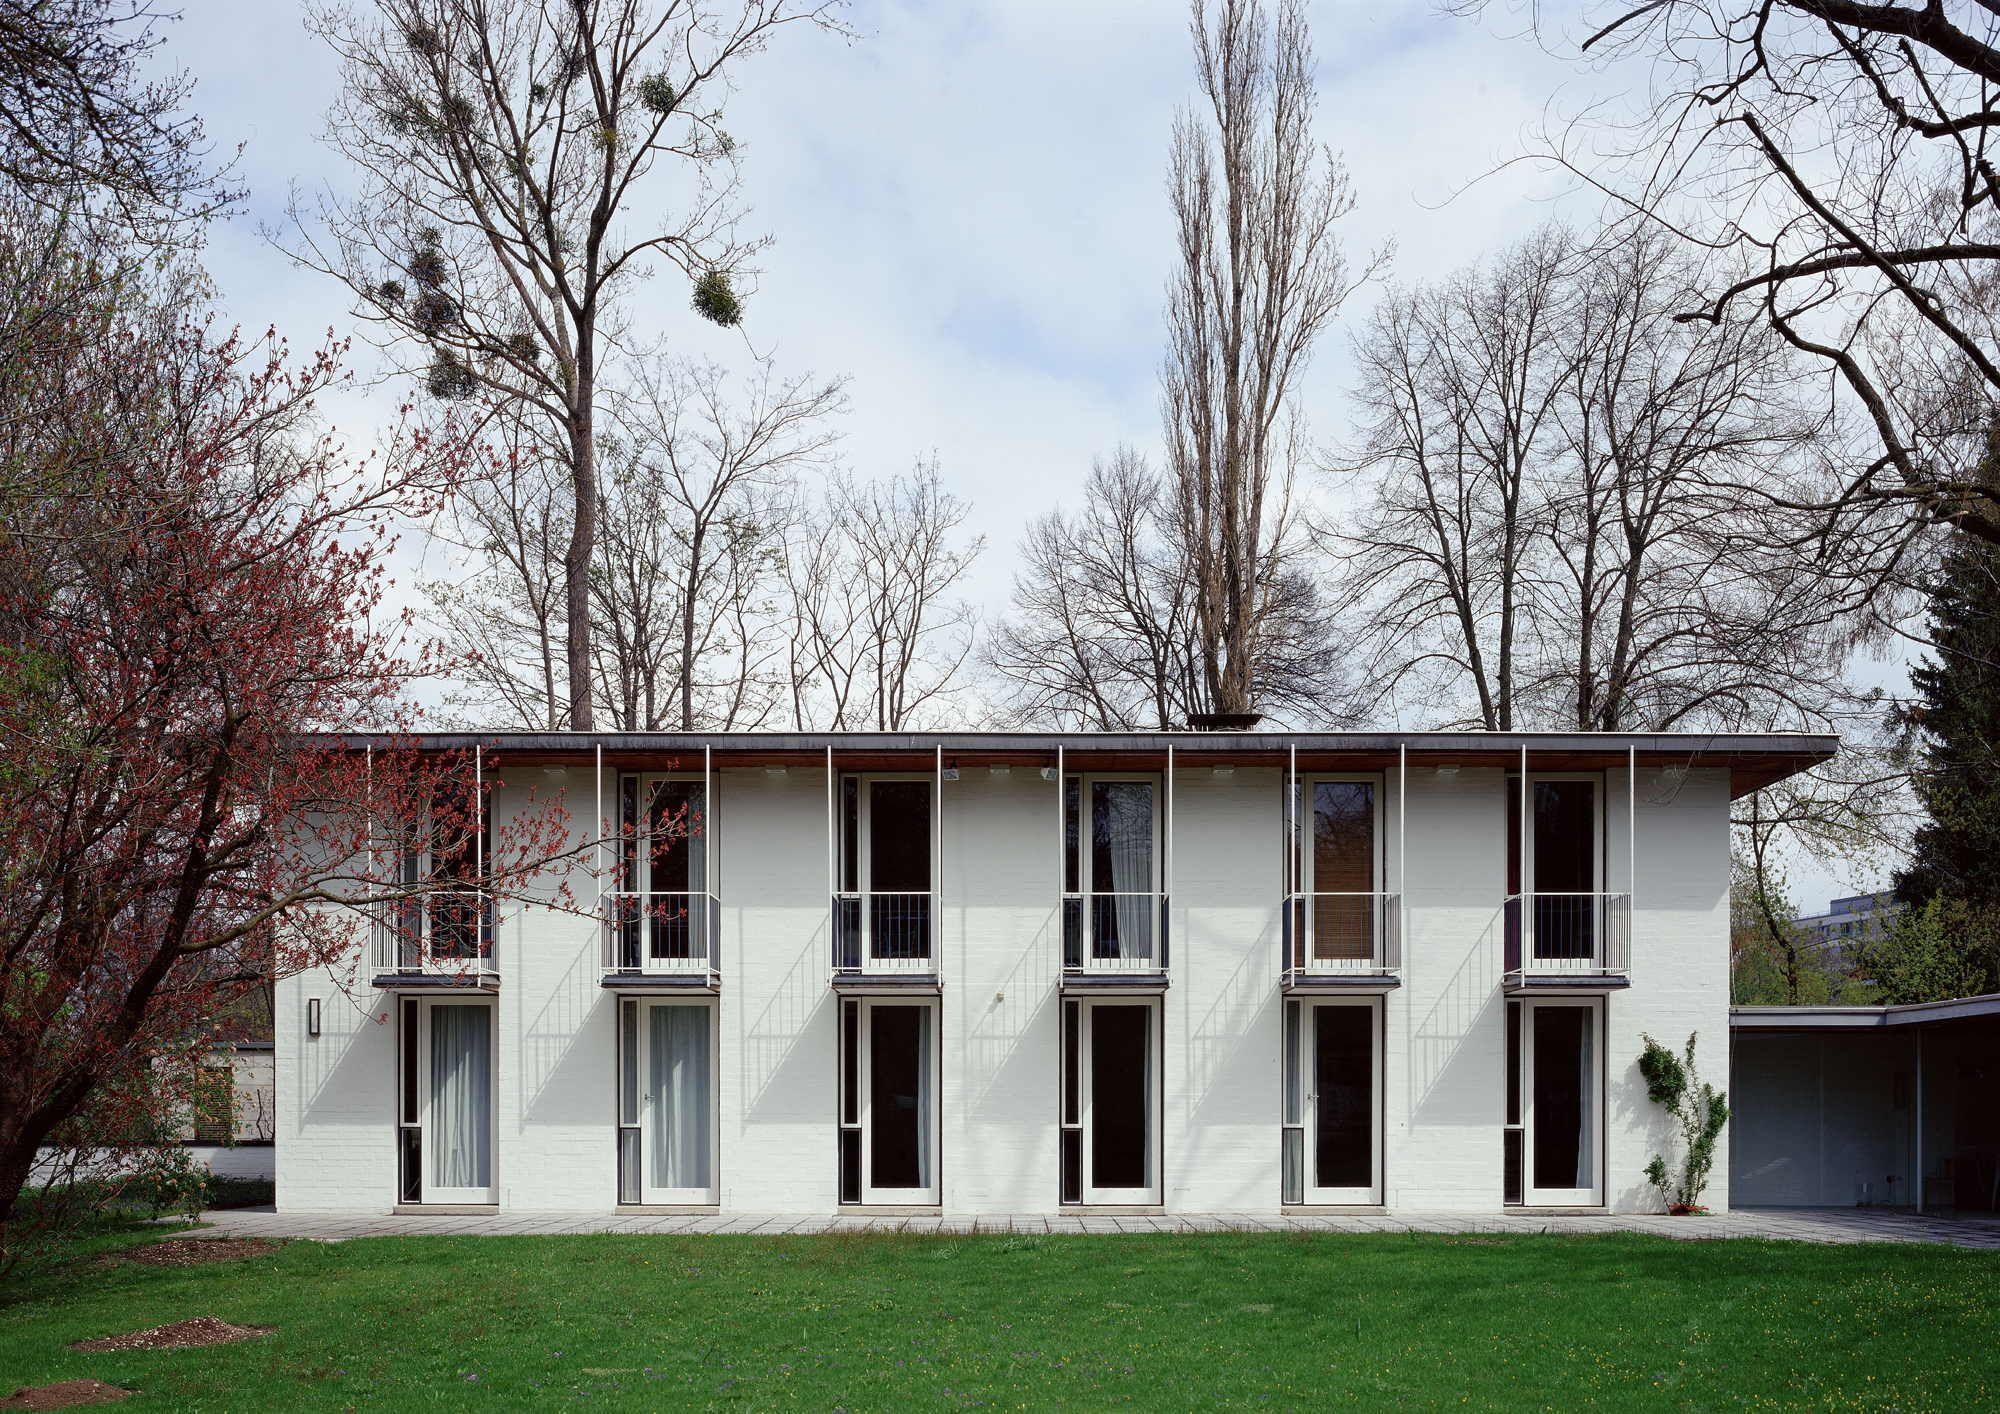 m nchner moderne sep ruf gesellschaft gegr ndet architecture exterior pinterest. Black Bedroom Furniture Sets. Home Design Ideas